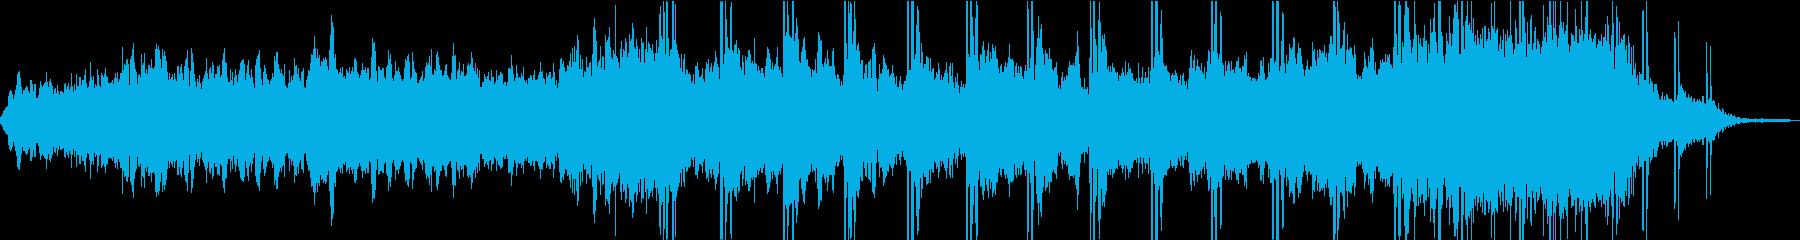 不気味なコズミックホラー感のあるBGMの再生済みの波形